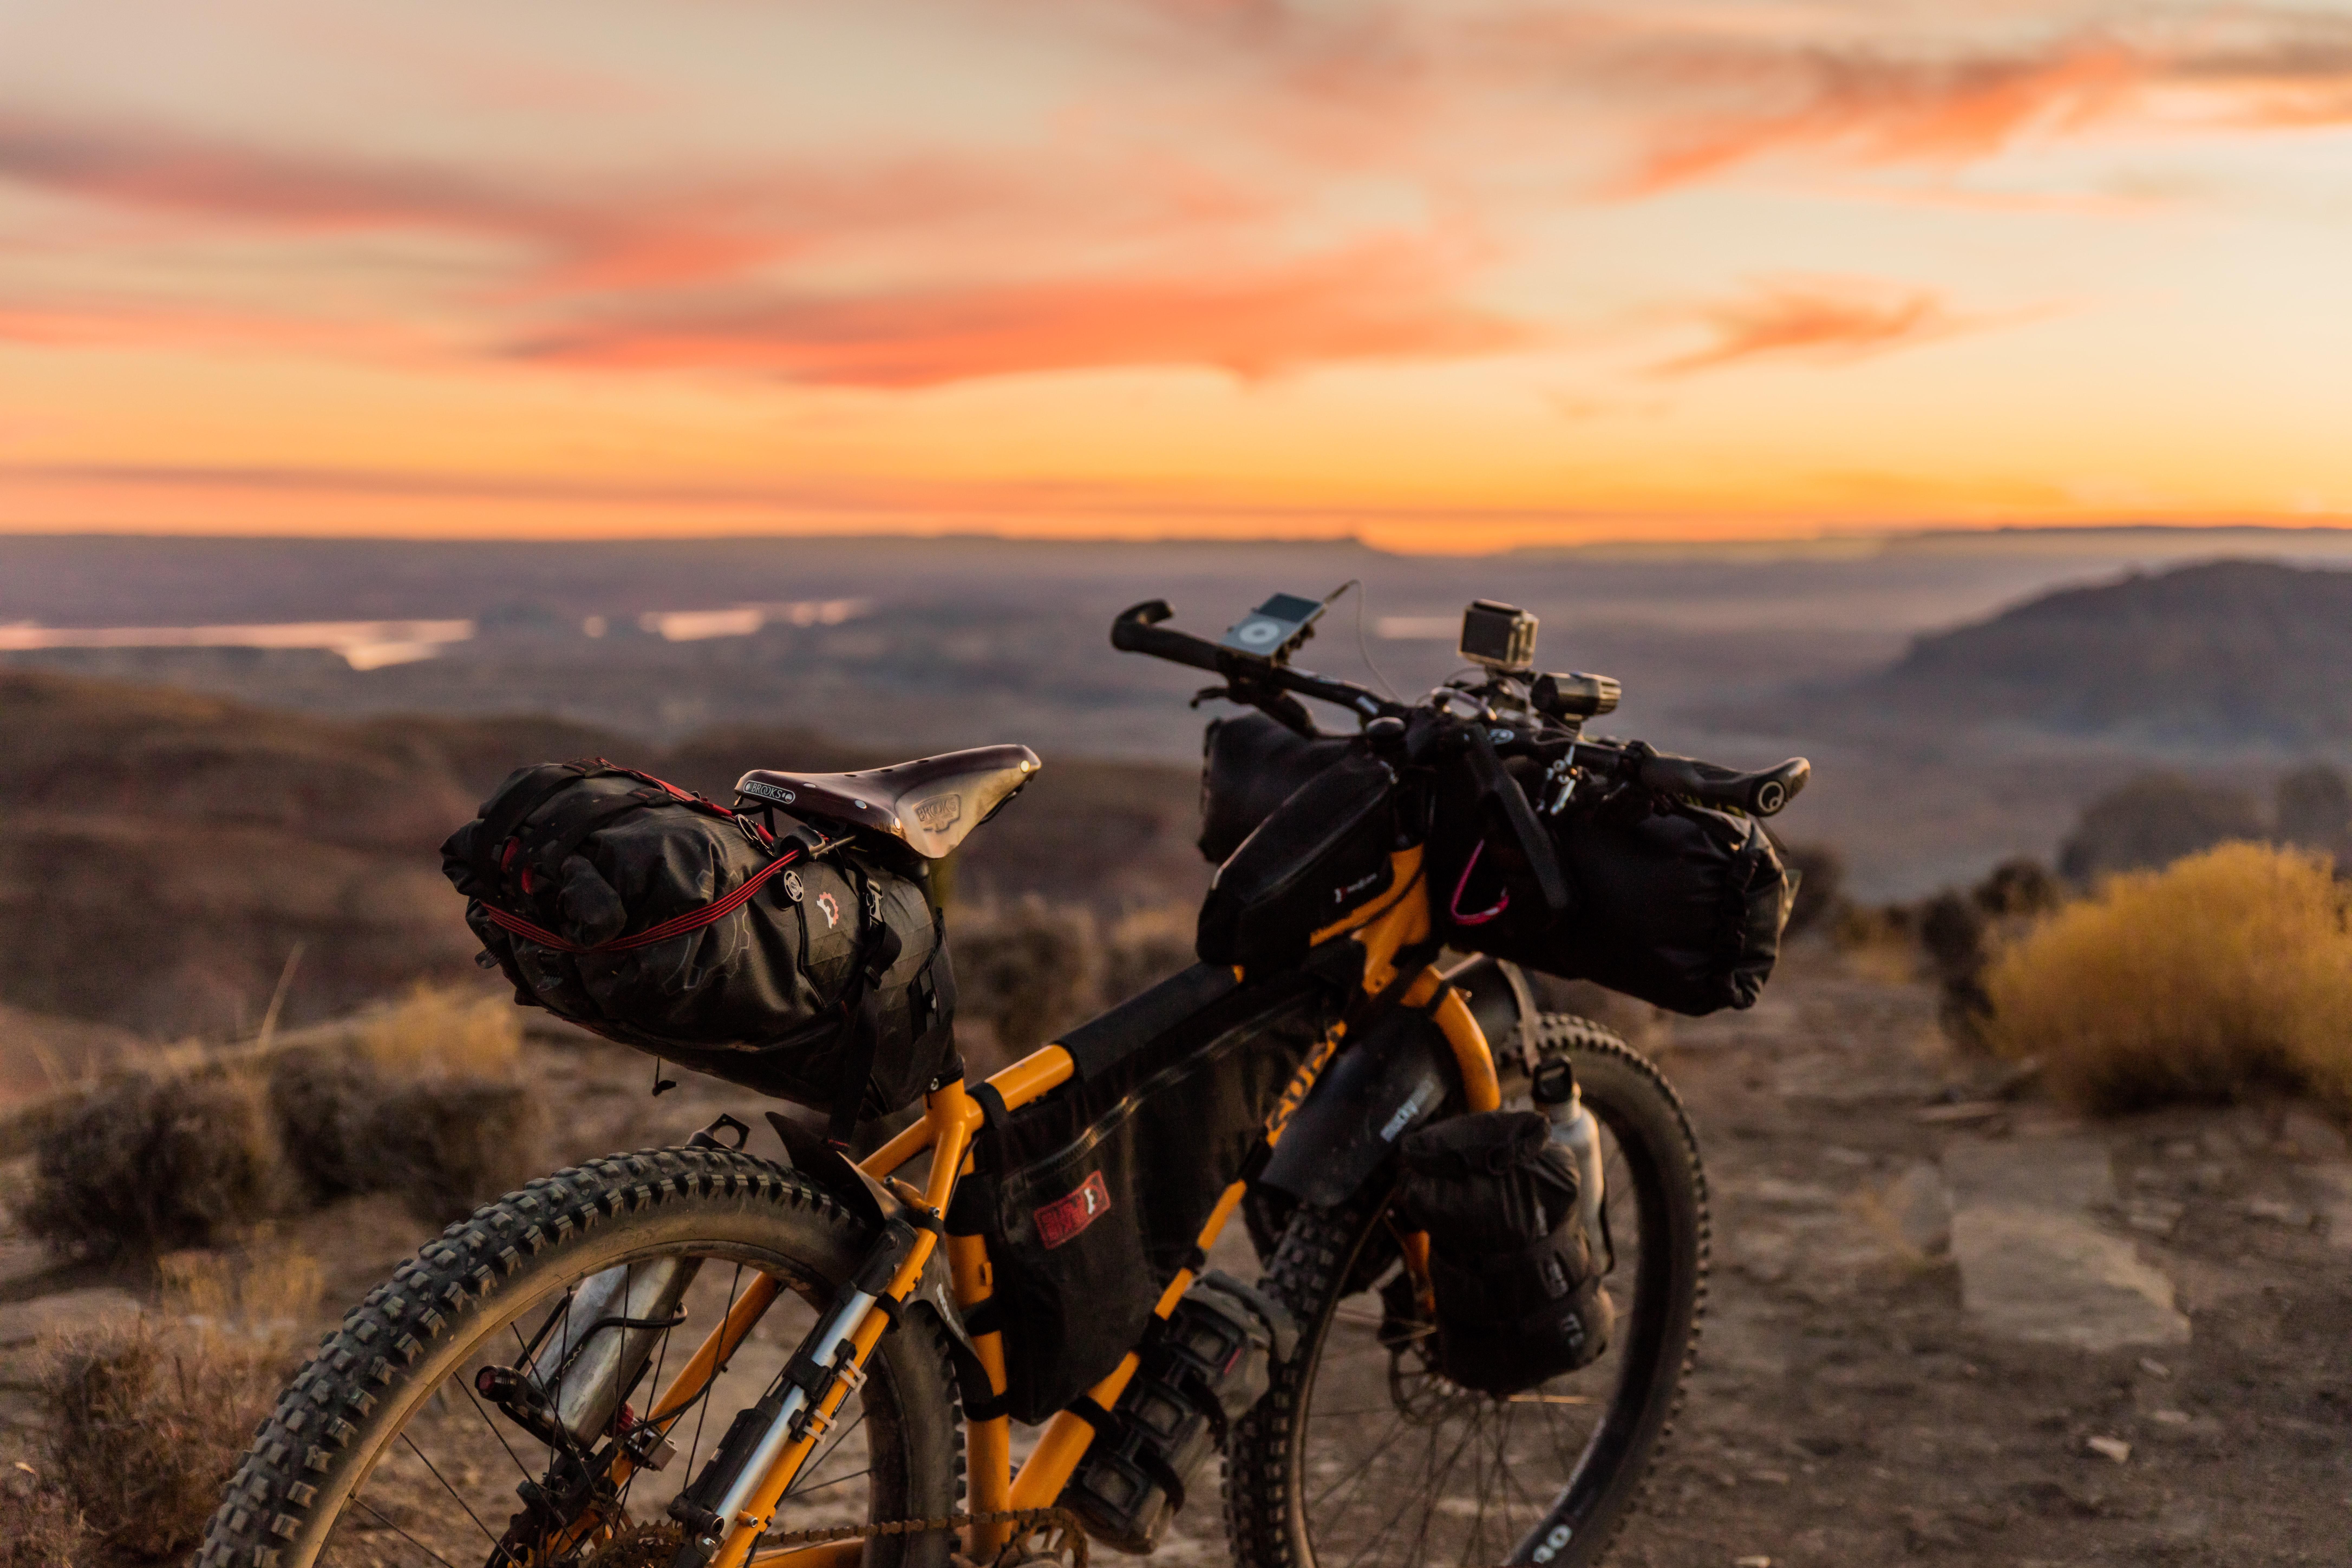 Advanatges of bikepacking vs bike touring